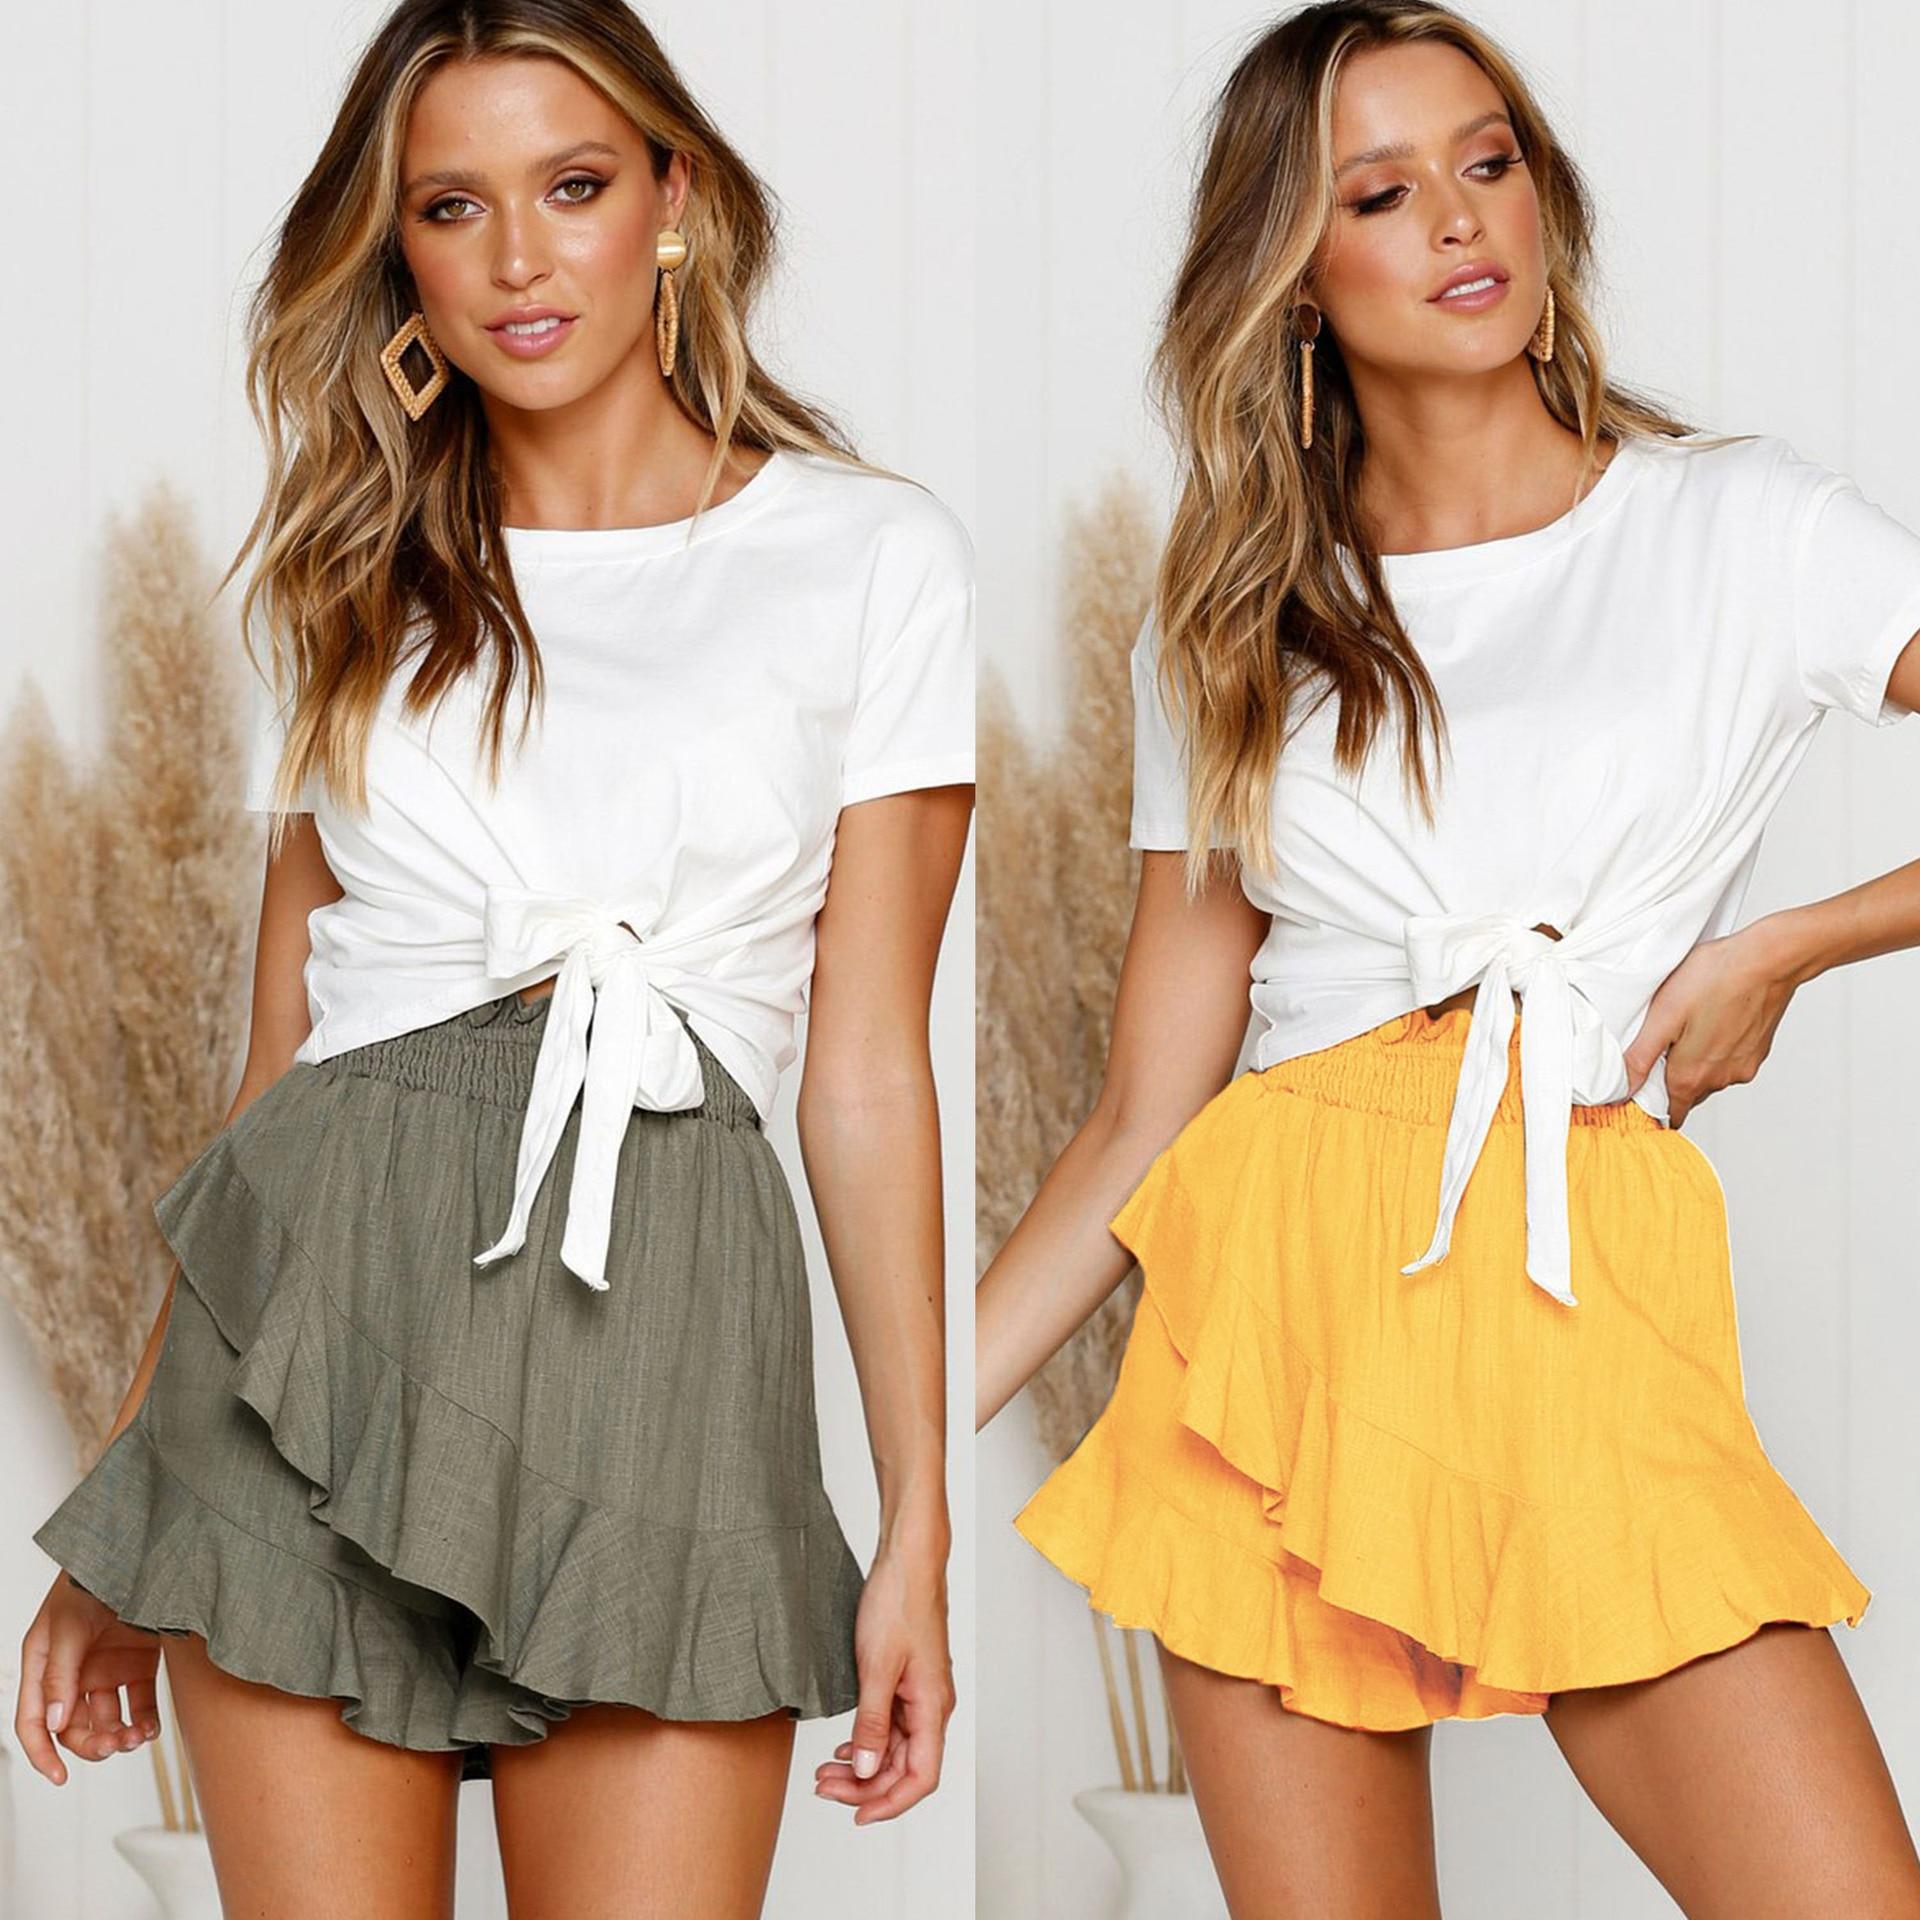 2019 модные широкие короткие брюки женские летние зеленые желтые гофрированные эластичные талии женские шорты сексуальные шорты